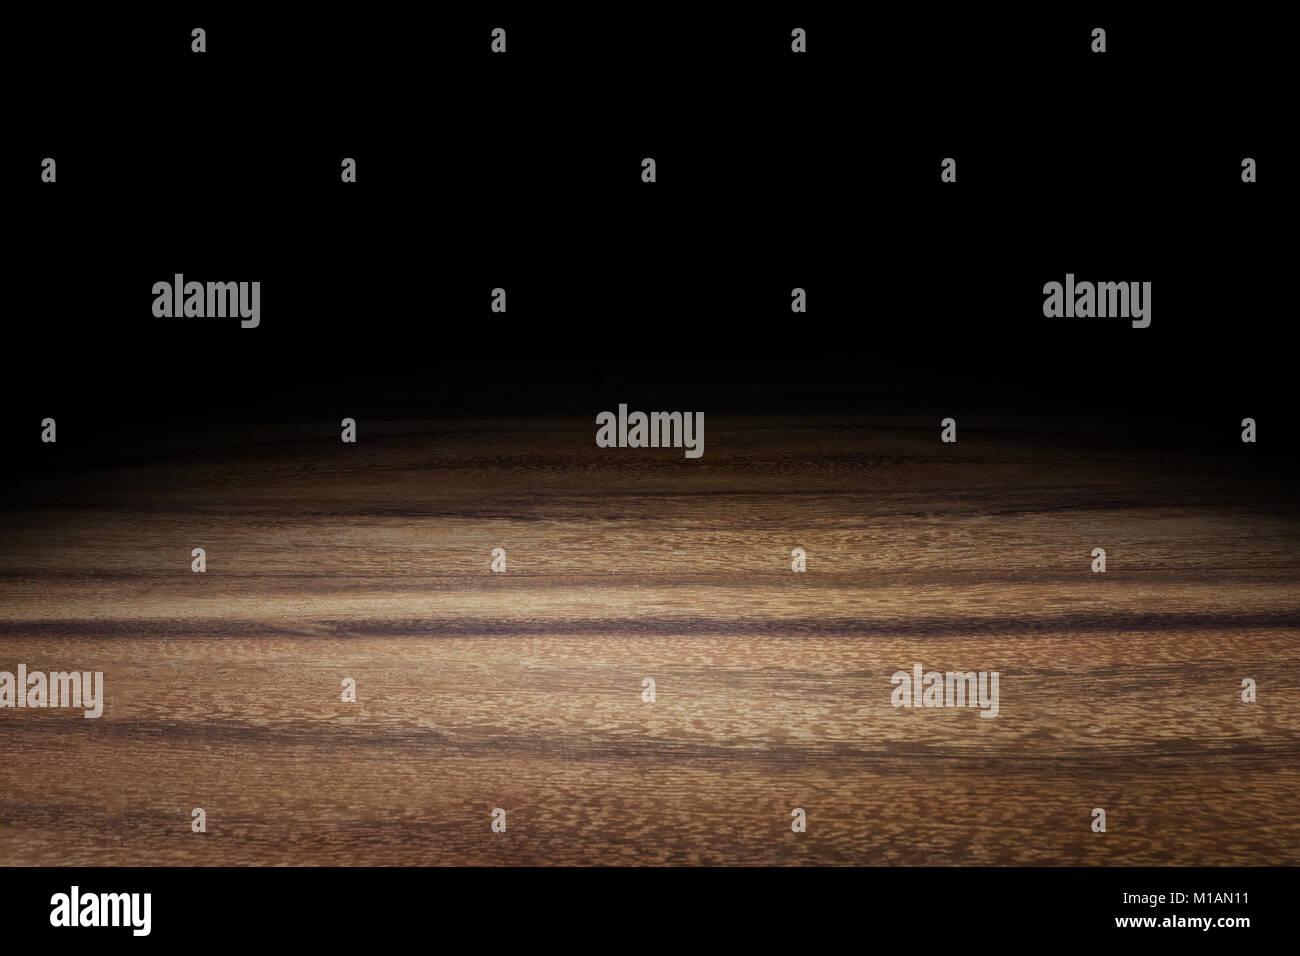 dark brown hardwood floor texture. Dark Brown Wood Floor Texture Perspective Background For Display Or Montage Of Product,Mock Up Template Your Design Hardwood D